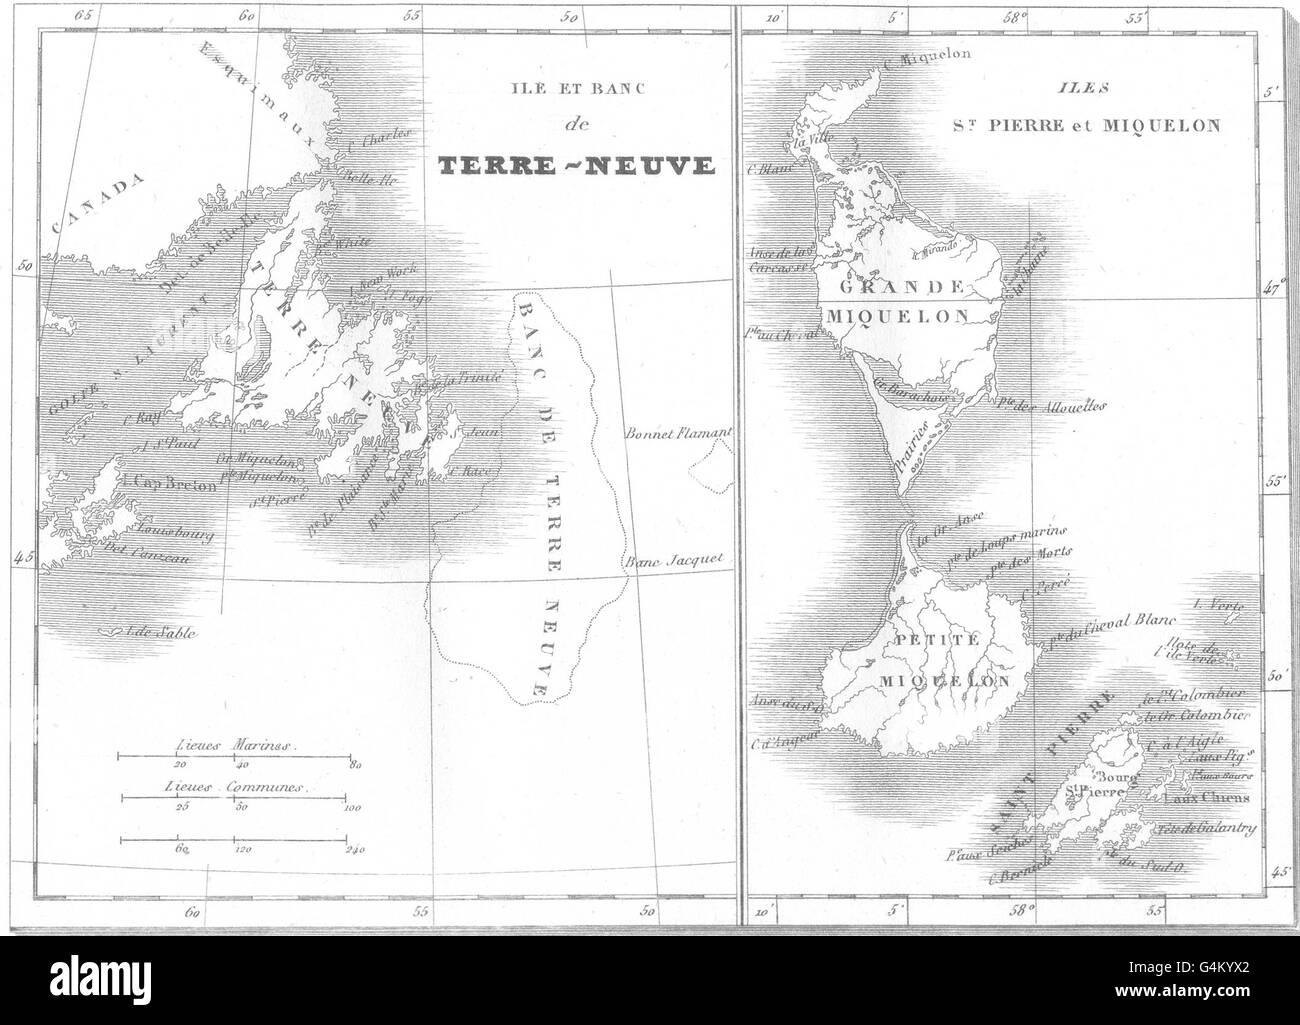 Océan Atlantique : Ile banc Terre-Neuve ; IIes Saint Pierre Miquelon on